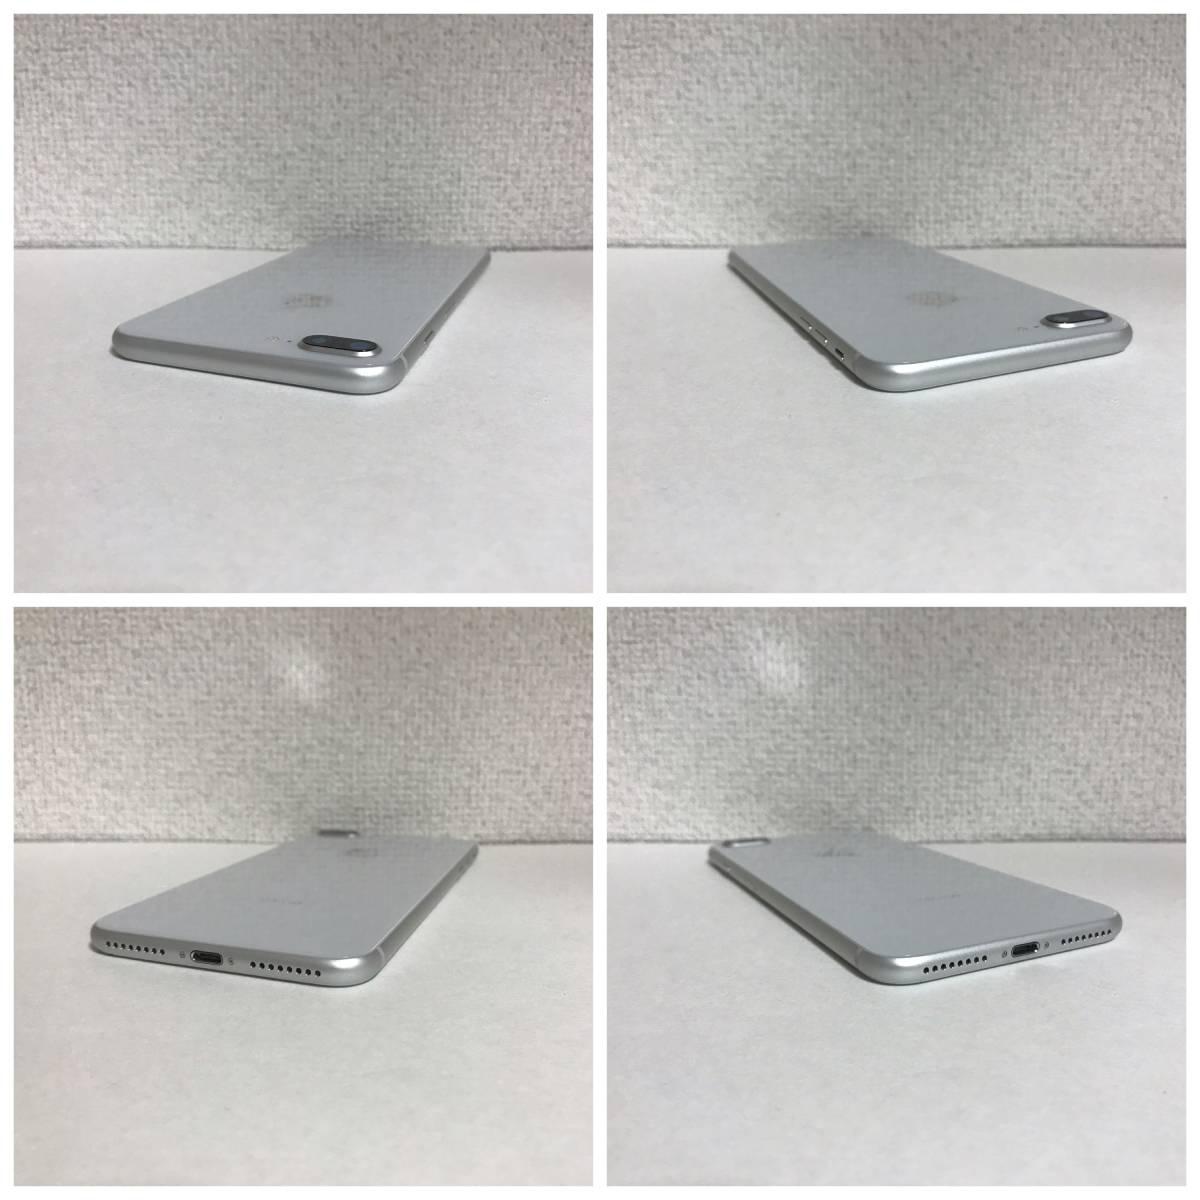 【電池良好】 SIMフリー iPhone8 Plus 256GB Silver iPhone8プラス_画像5